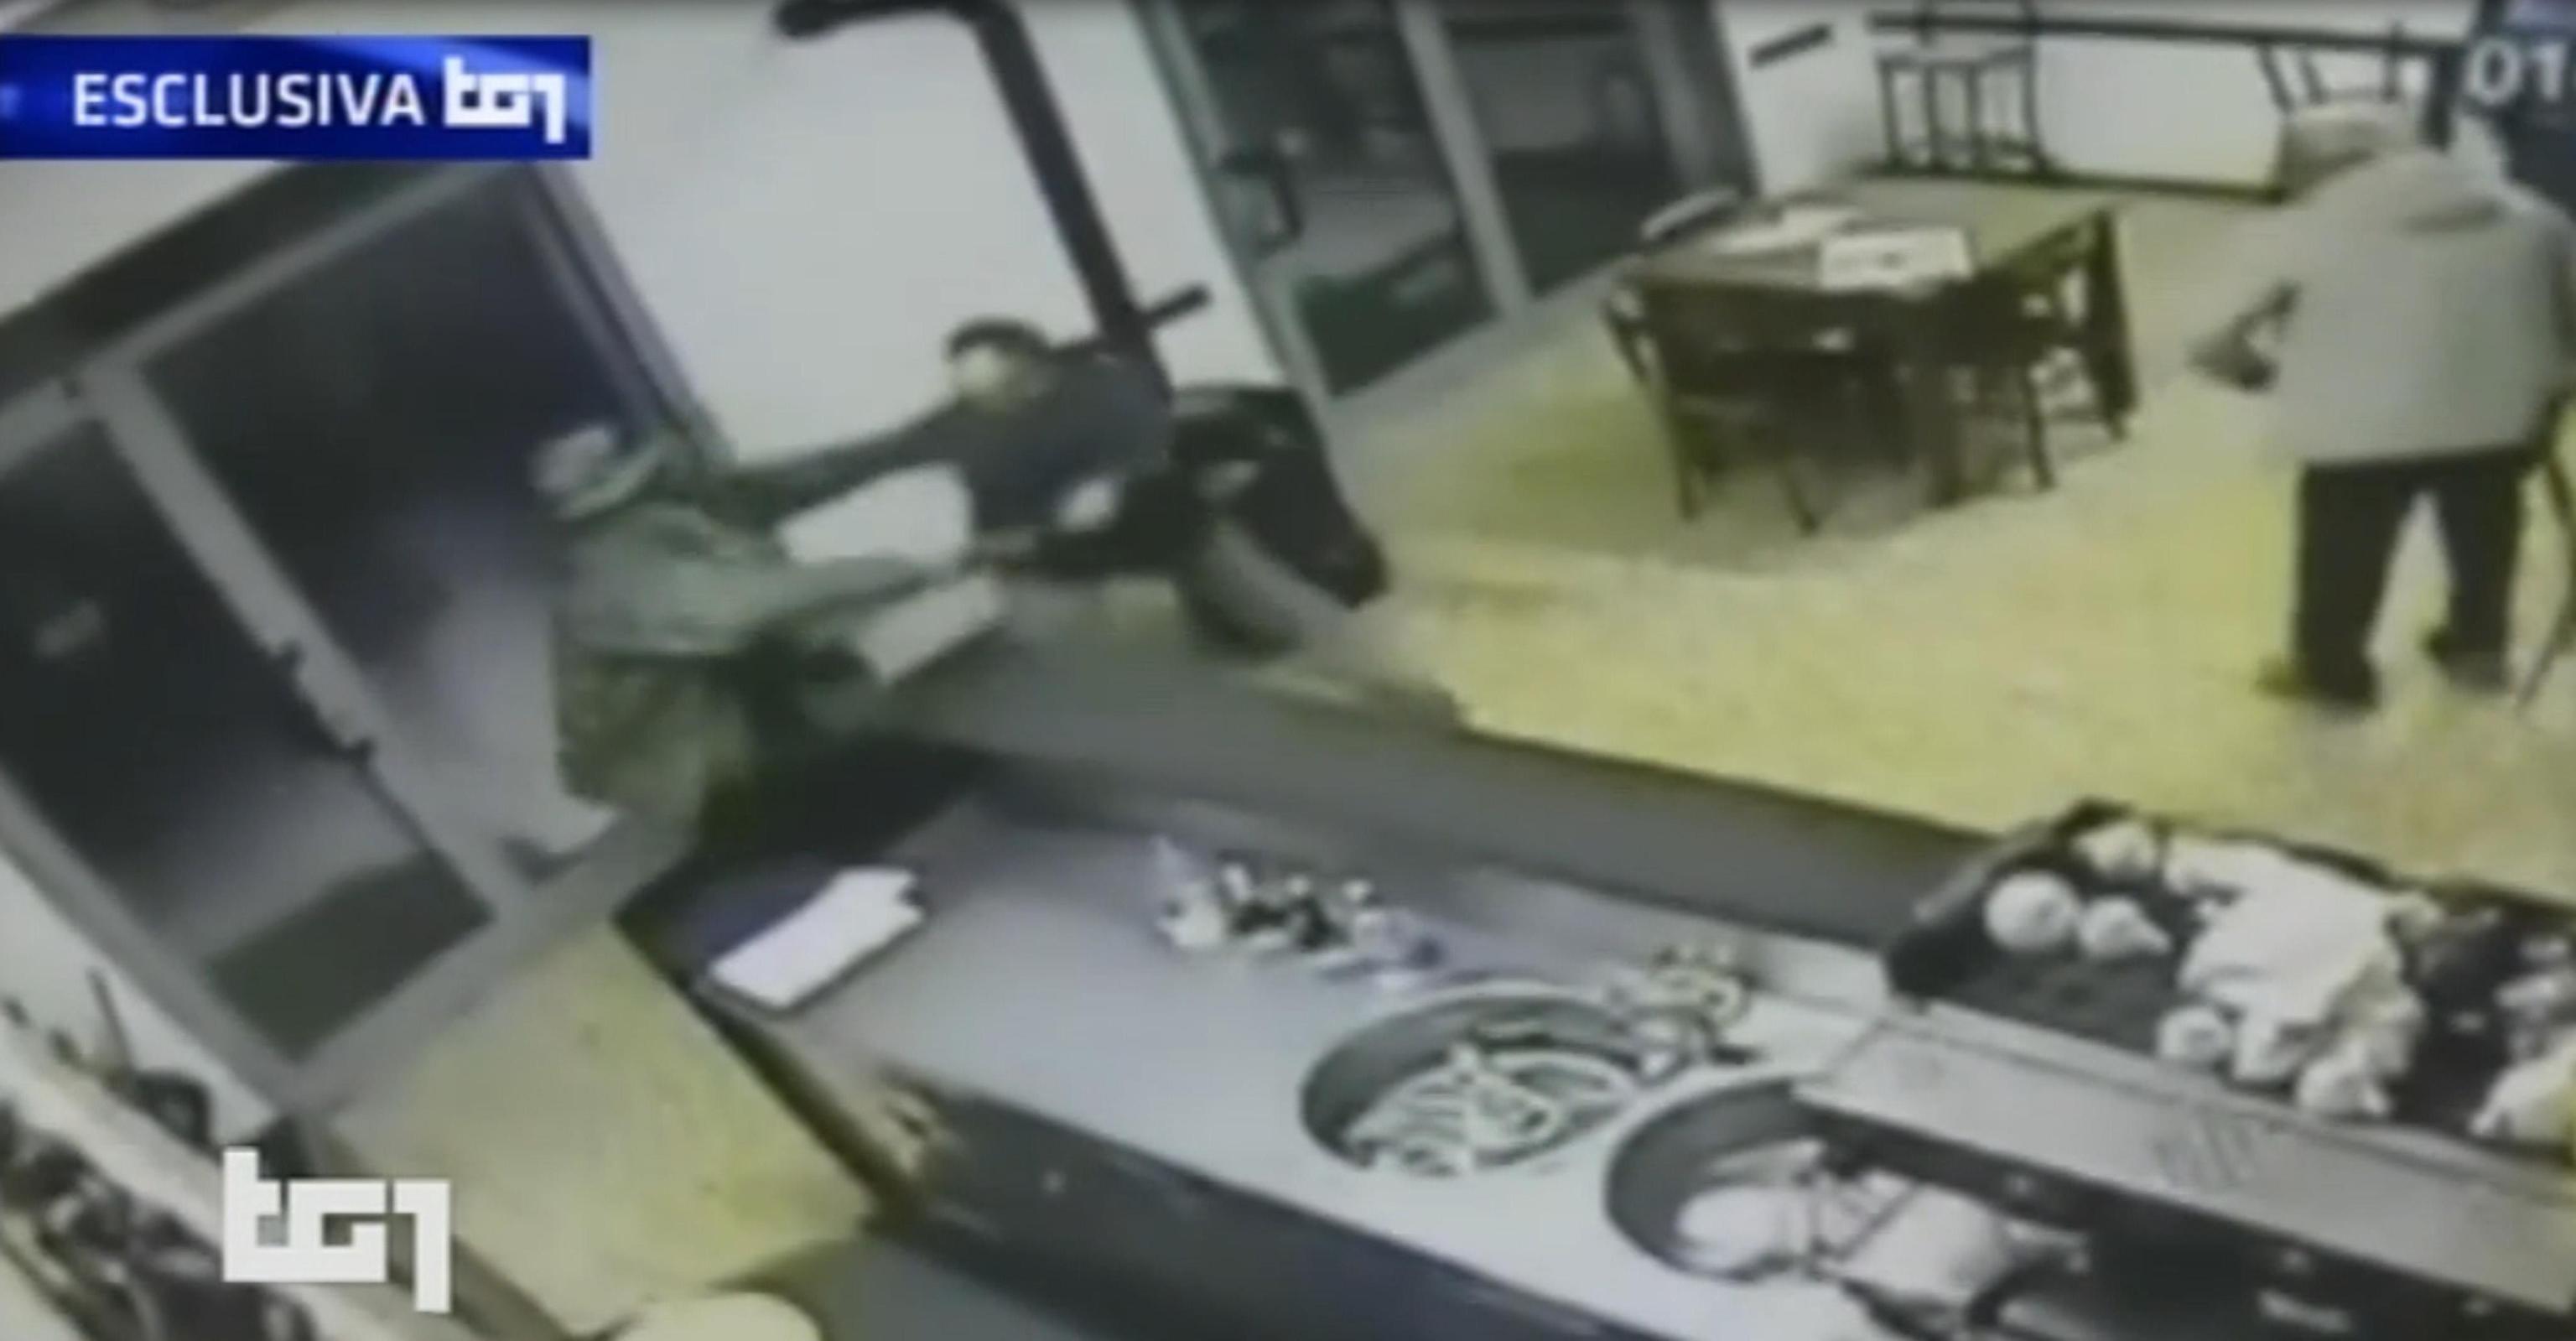 Killer di Budrio video nel bar